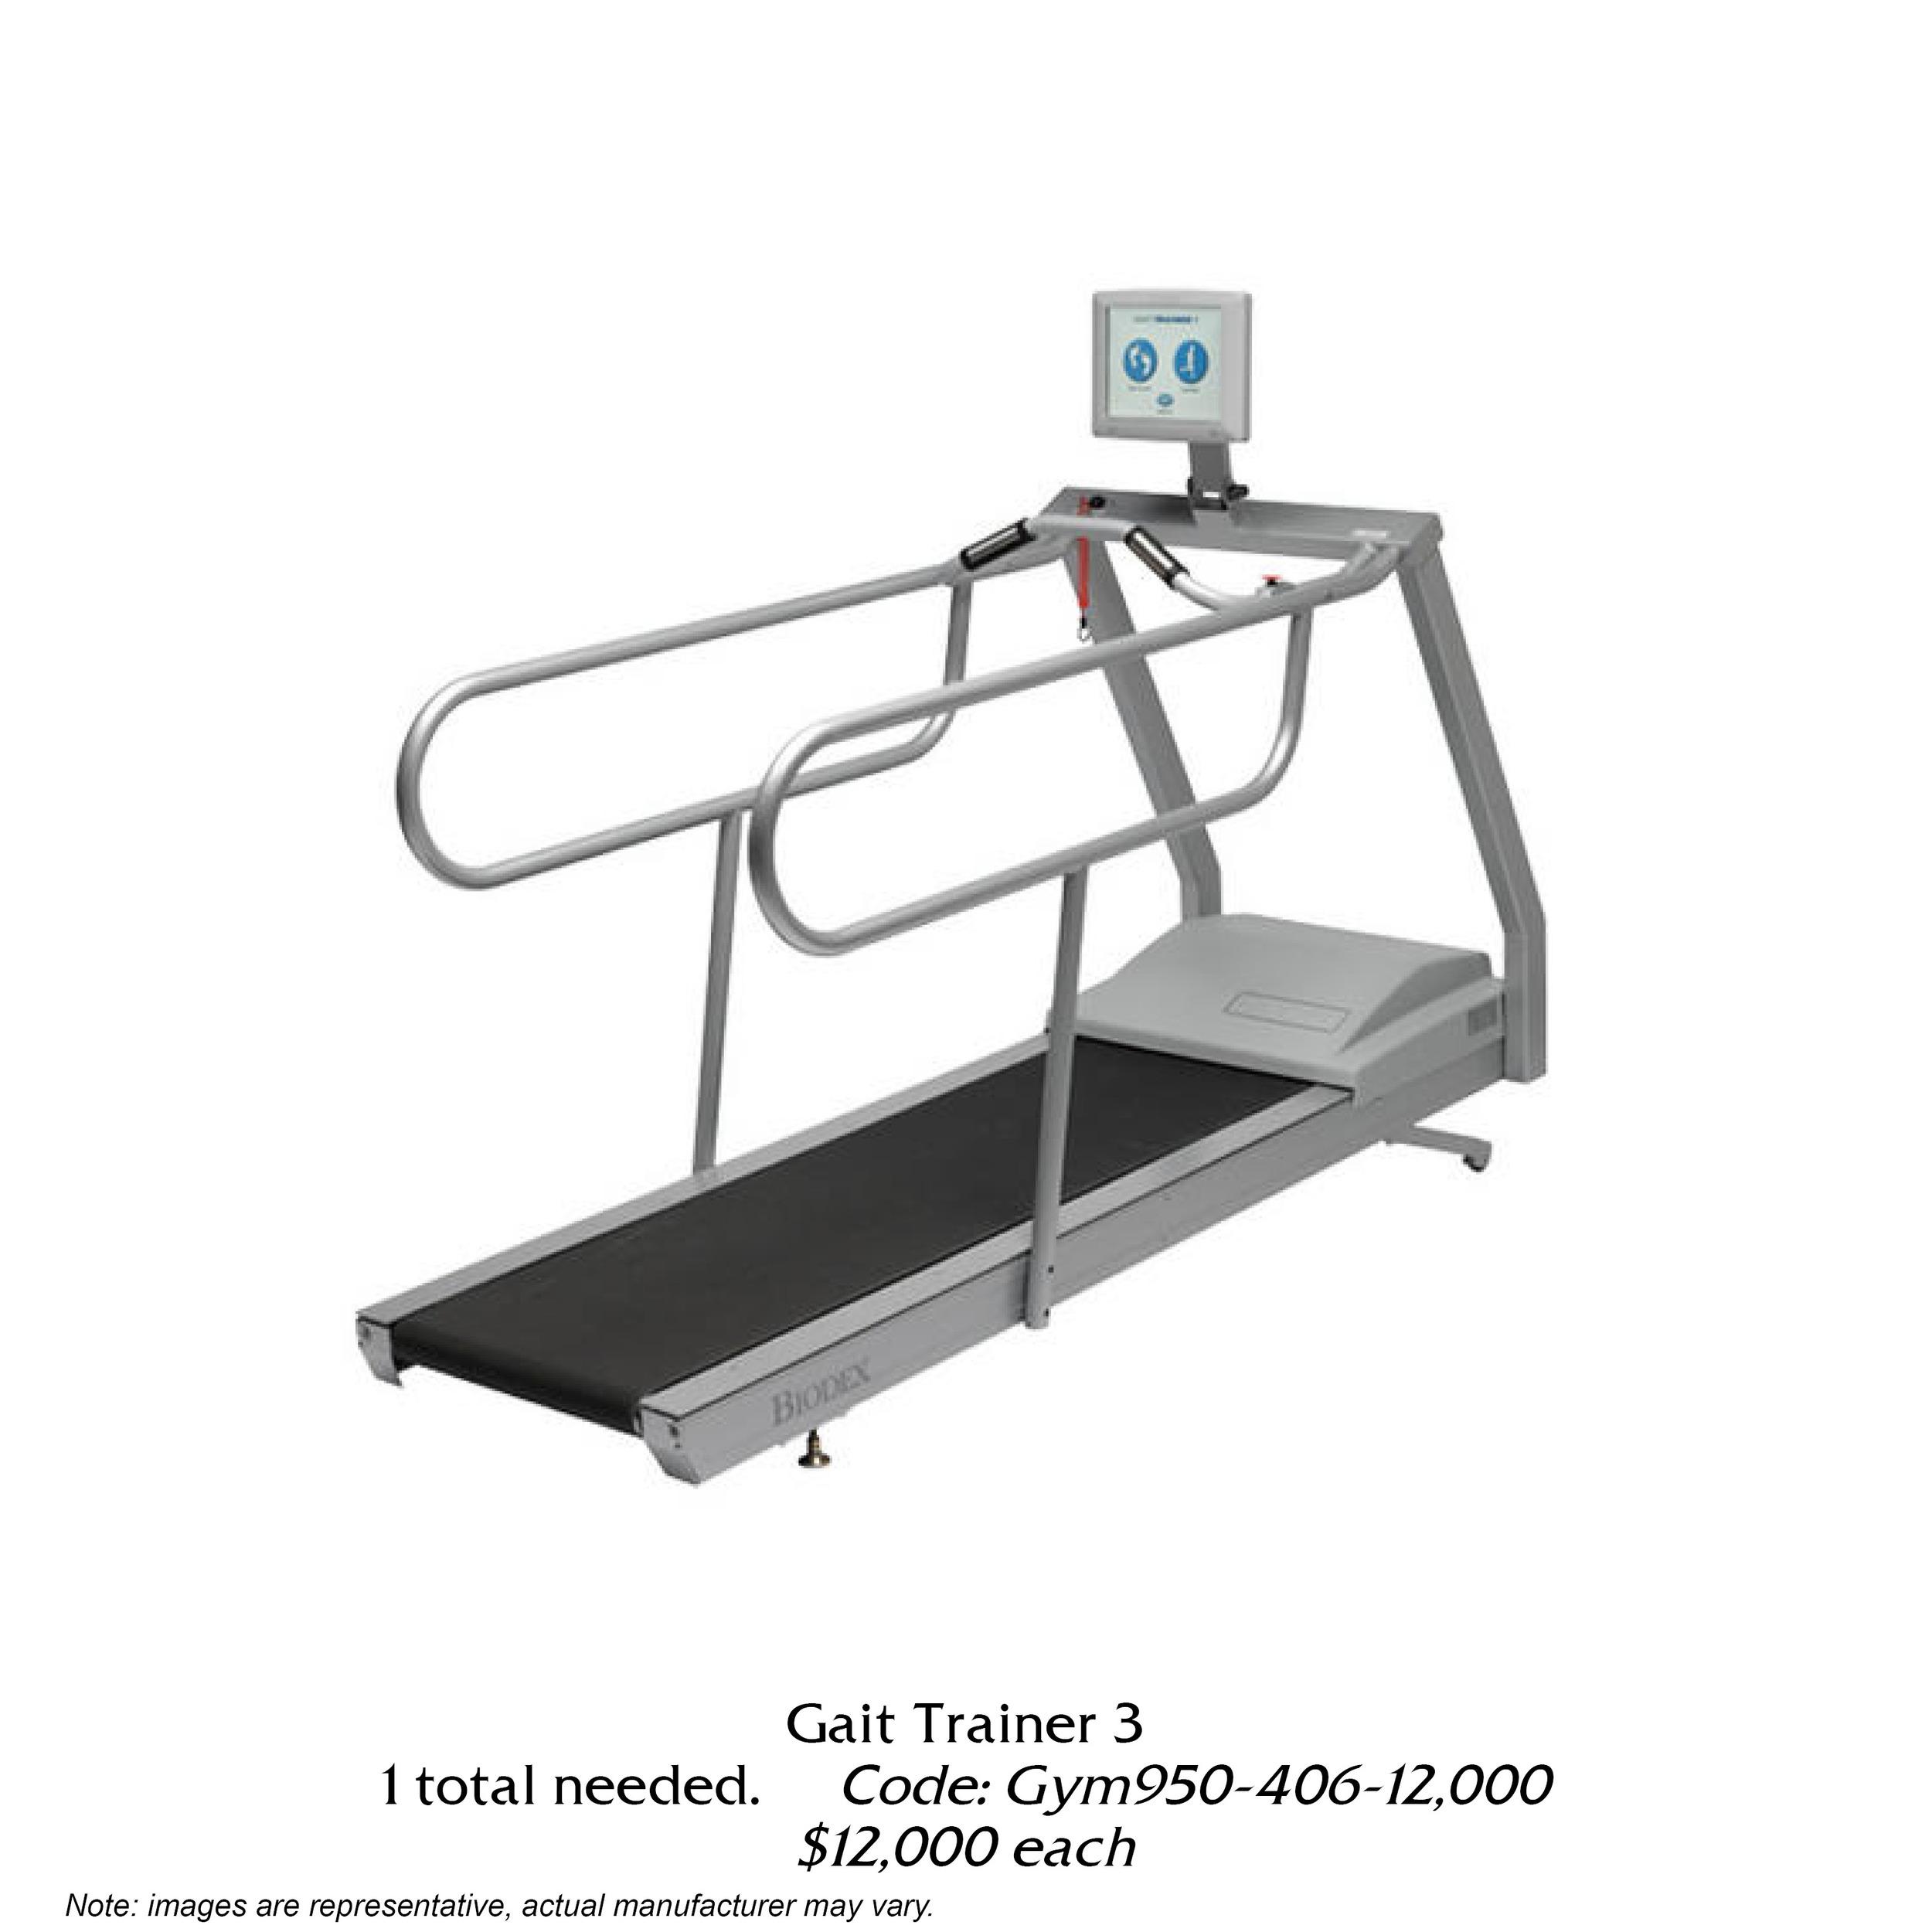 gym-950-406.jpg